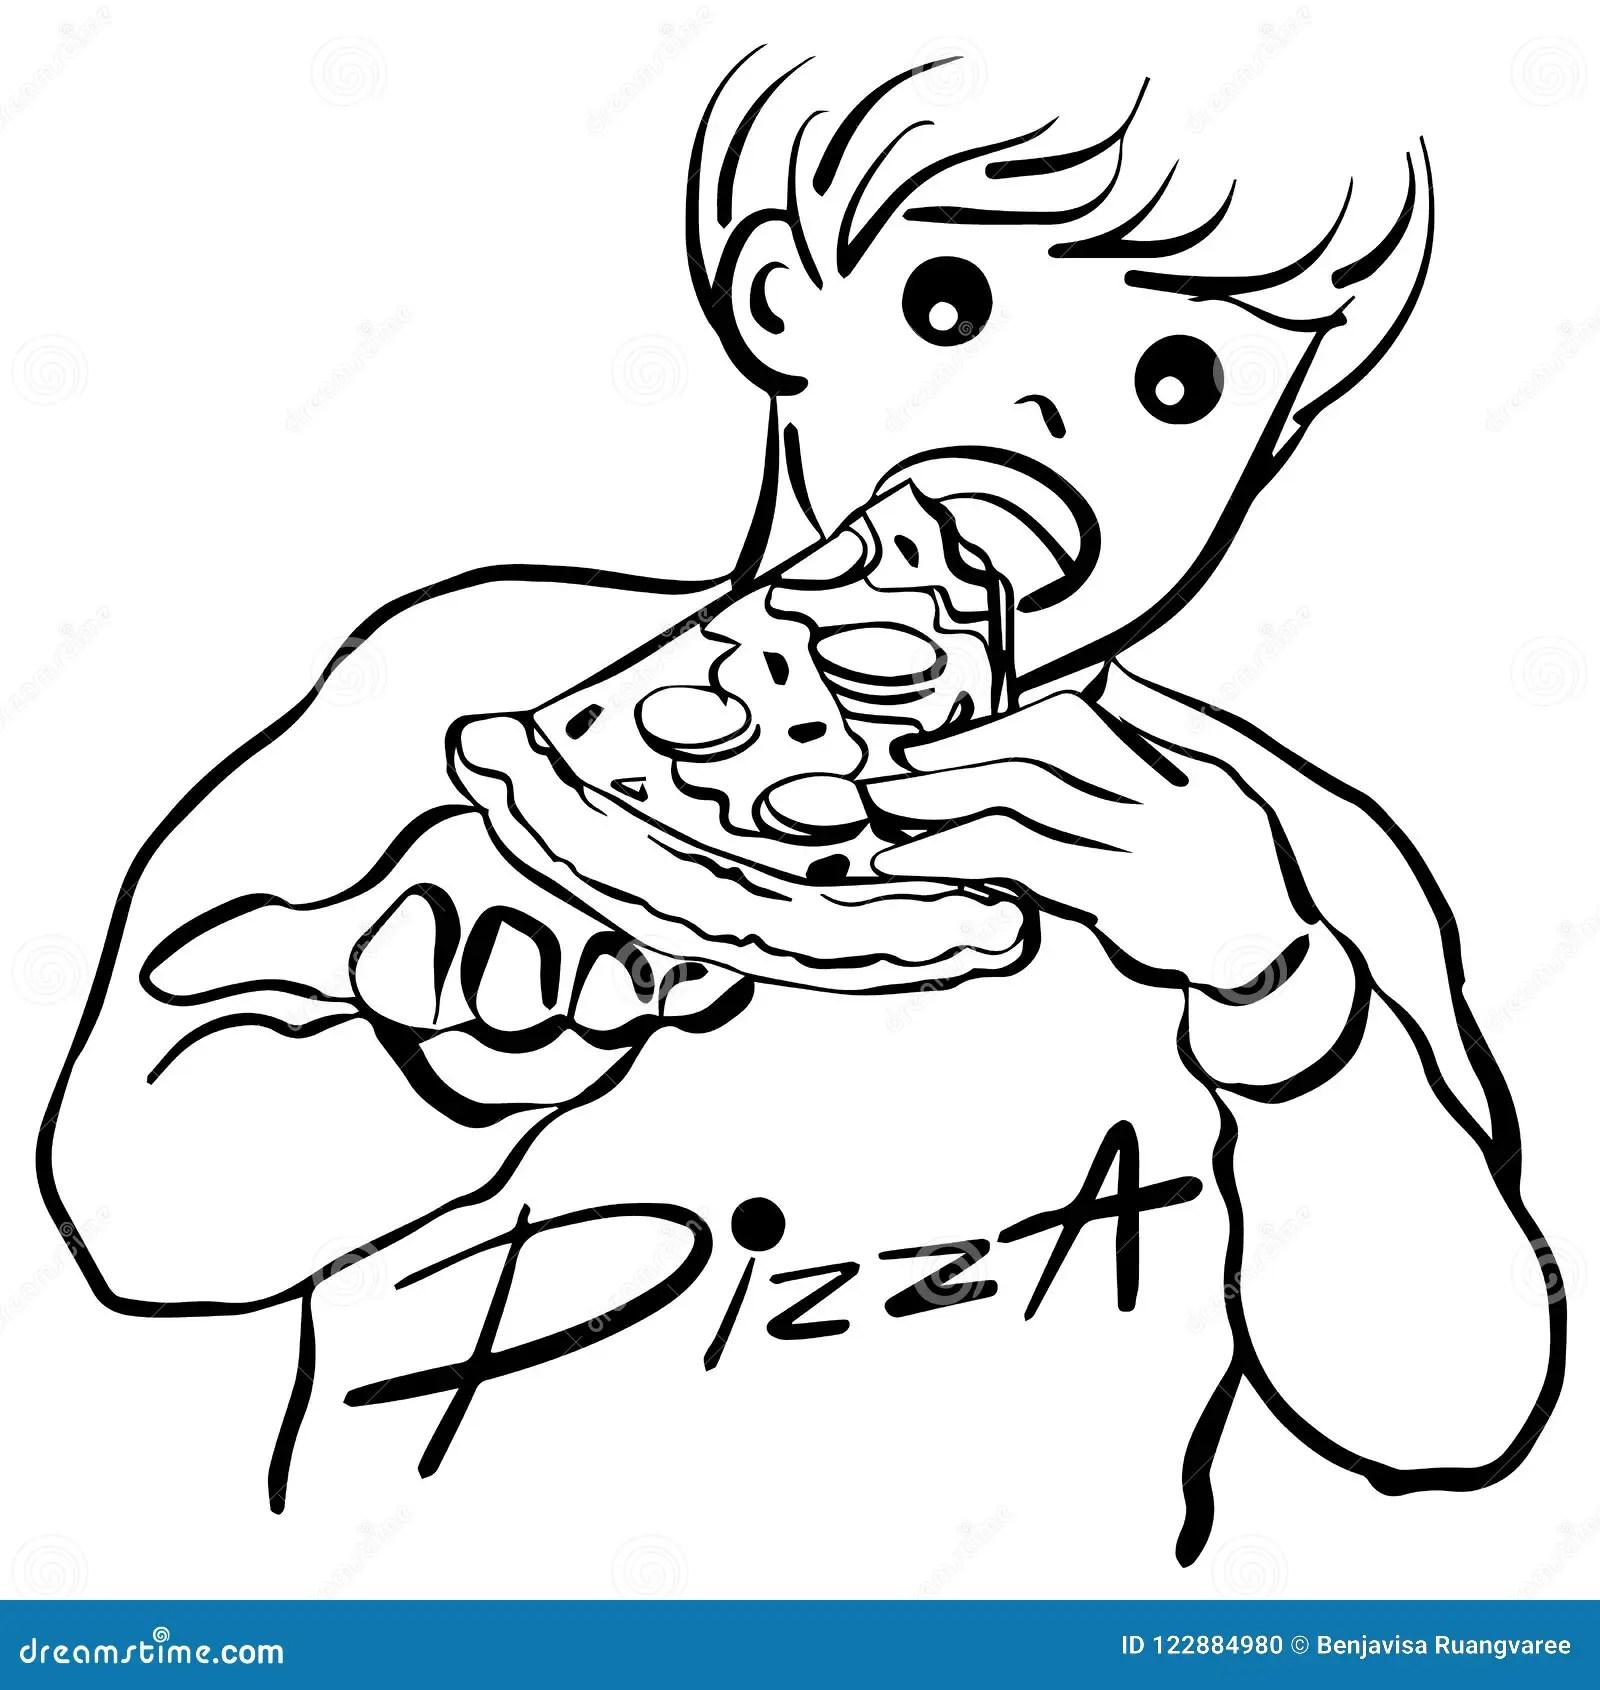 If I Eat